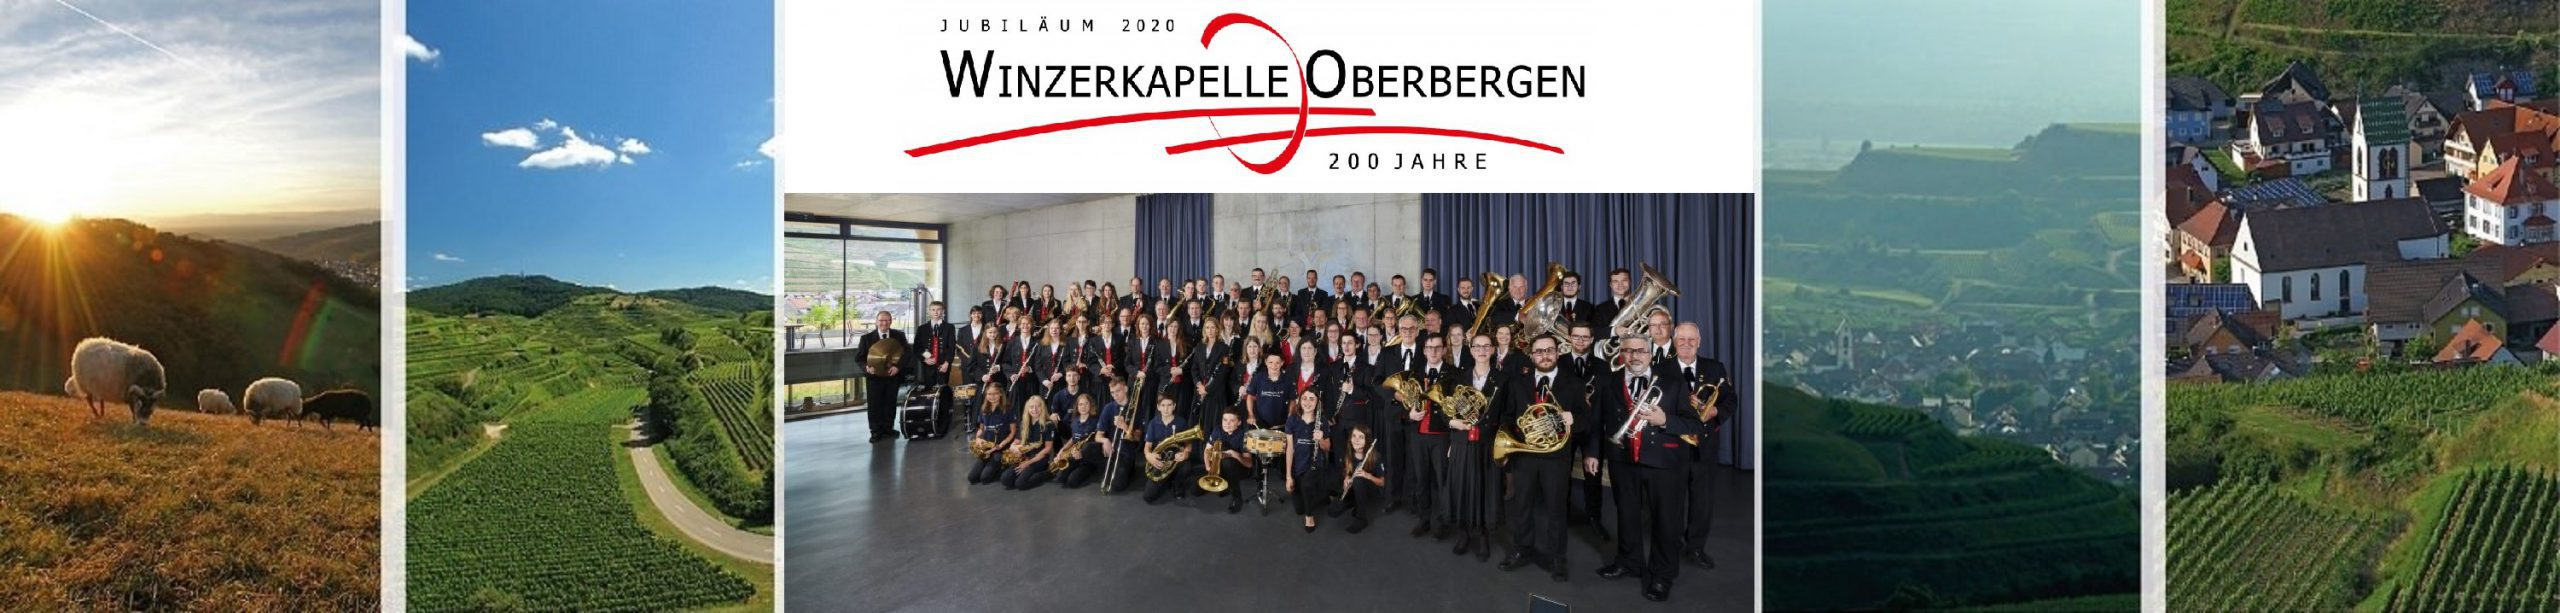 Winzerkapelle Oberbergen